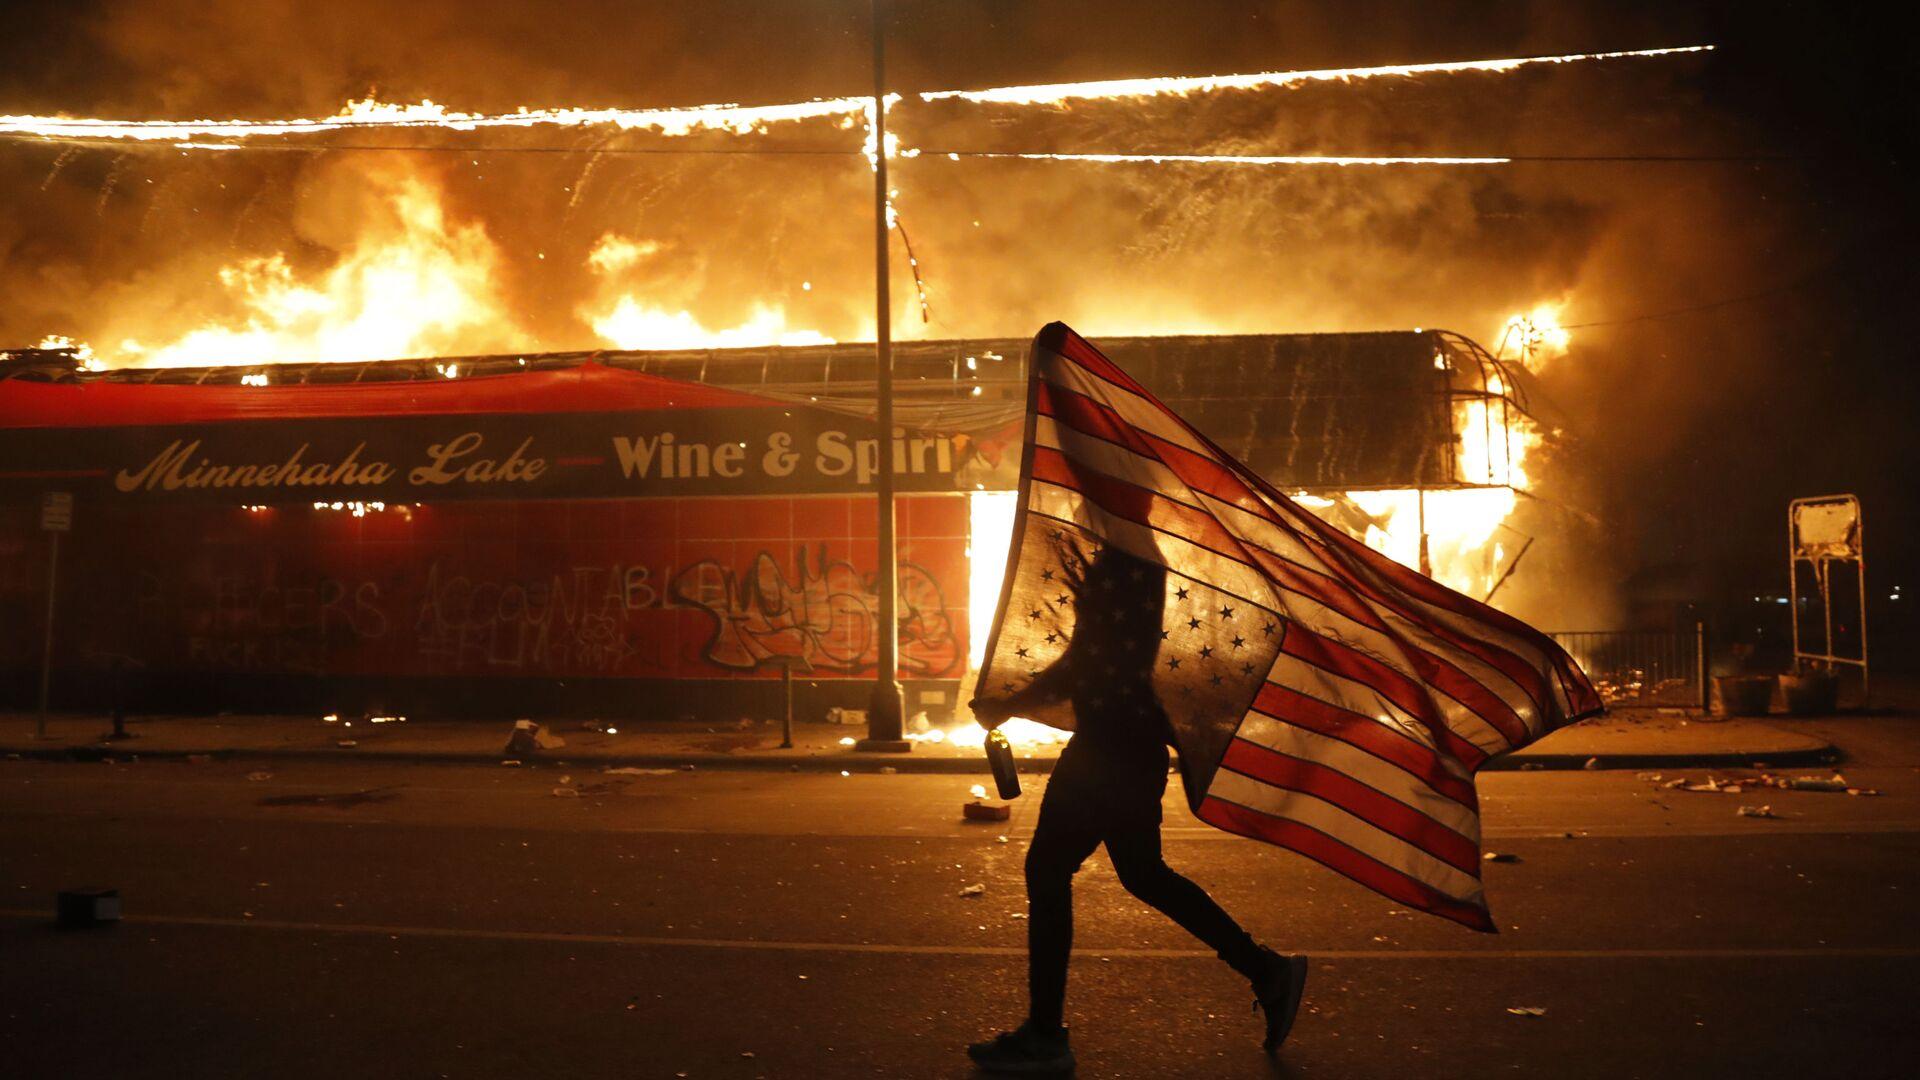 Un manifestante porta la bandera de EEUU boca abajo como símbolo de peligro extremo que vive el país frente un edificio en llamas en Minneapolis (estado de Minnesota), durante las protestas causadas por la muerte de George Floyd, el 28 de mayo del 2020 - Sputnik Mundo, 1920, 28.06.2021